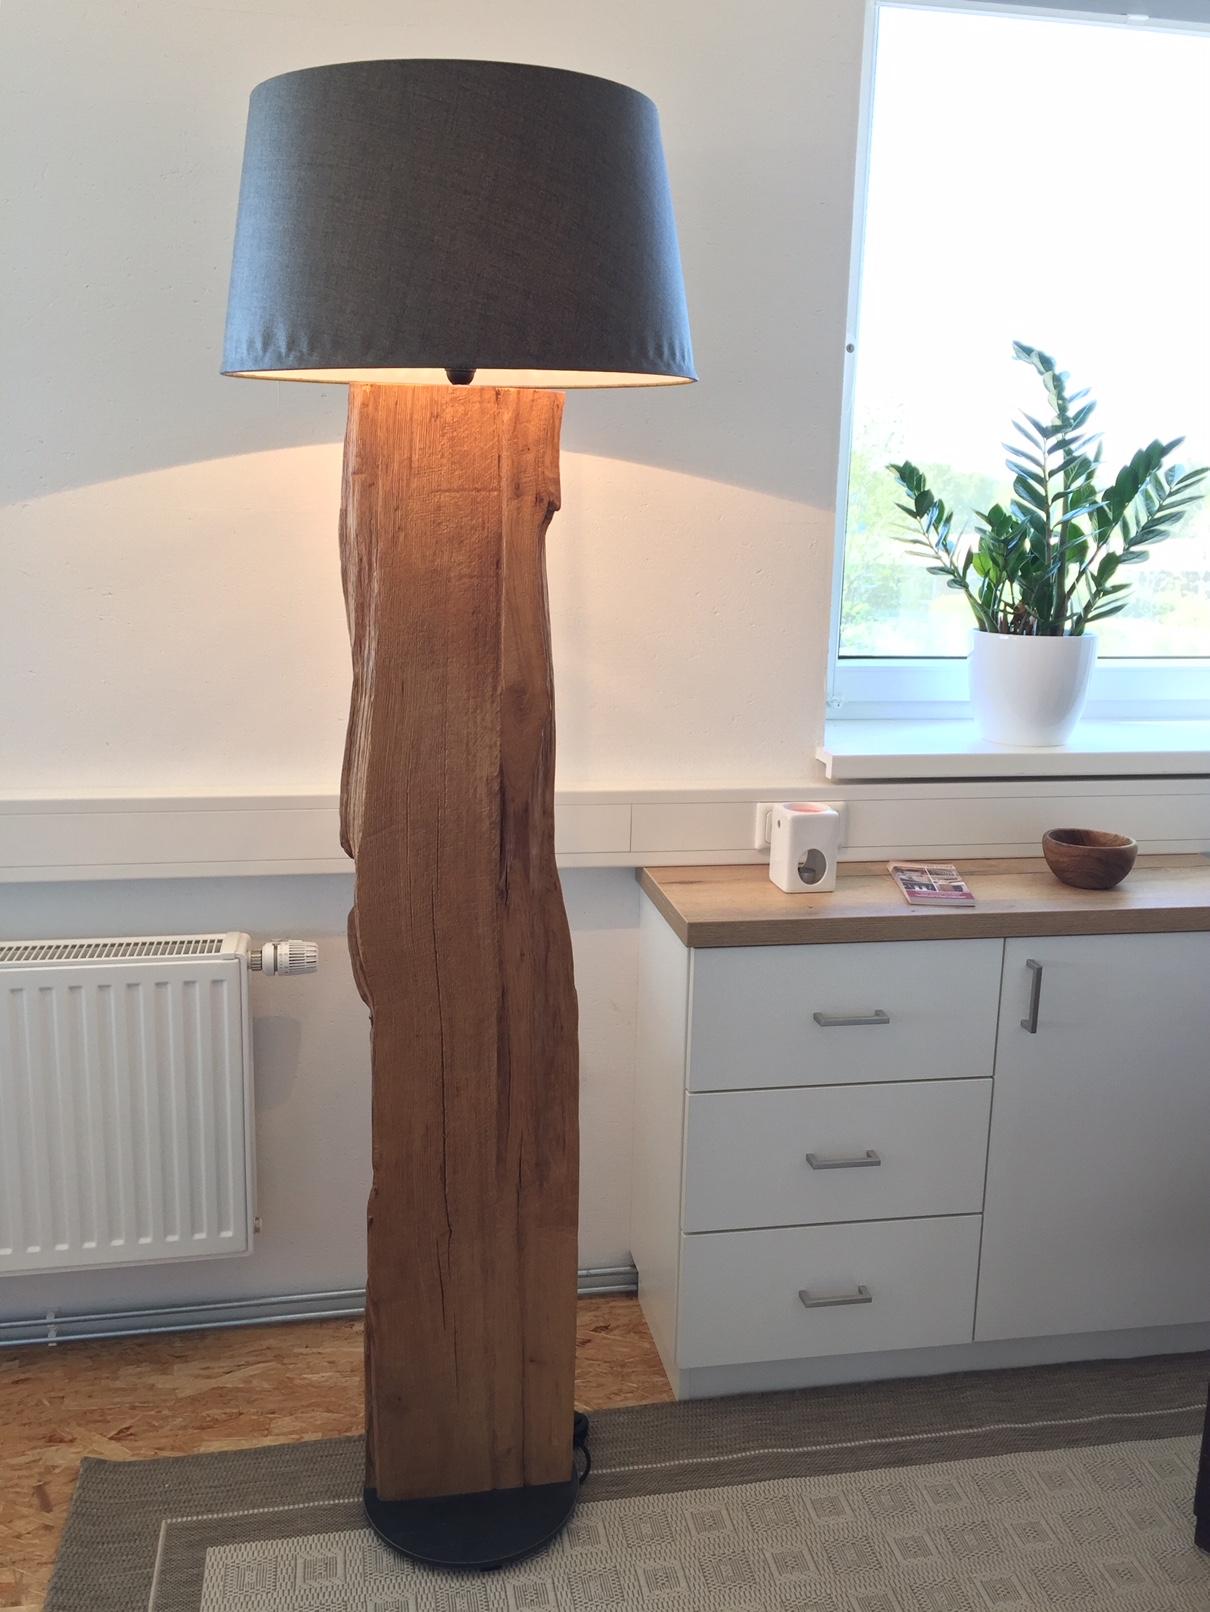 Lampe mit Eichenholz